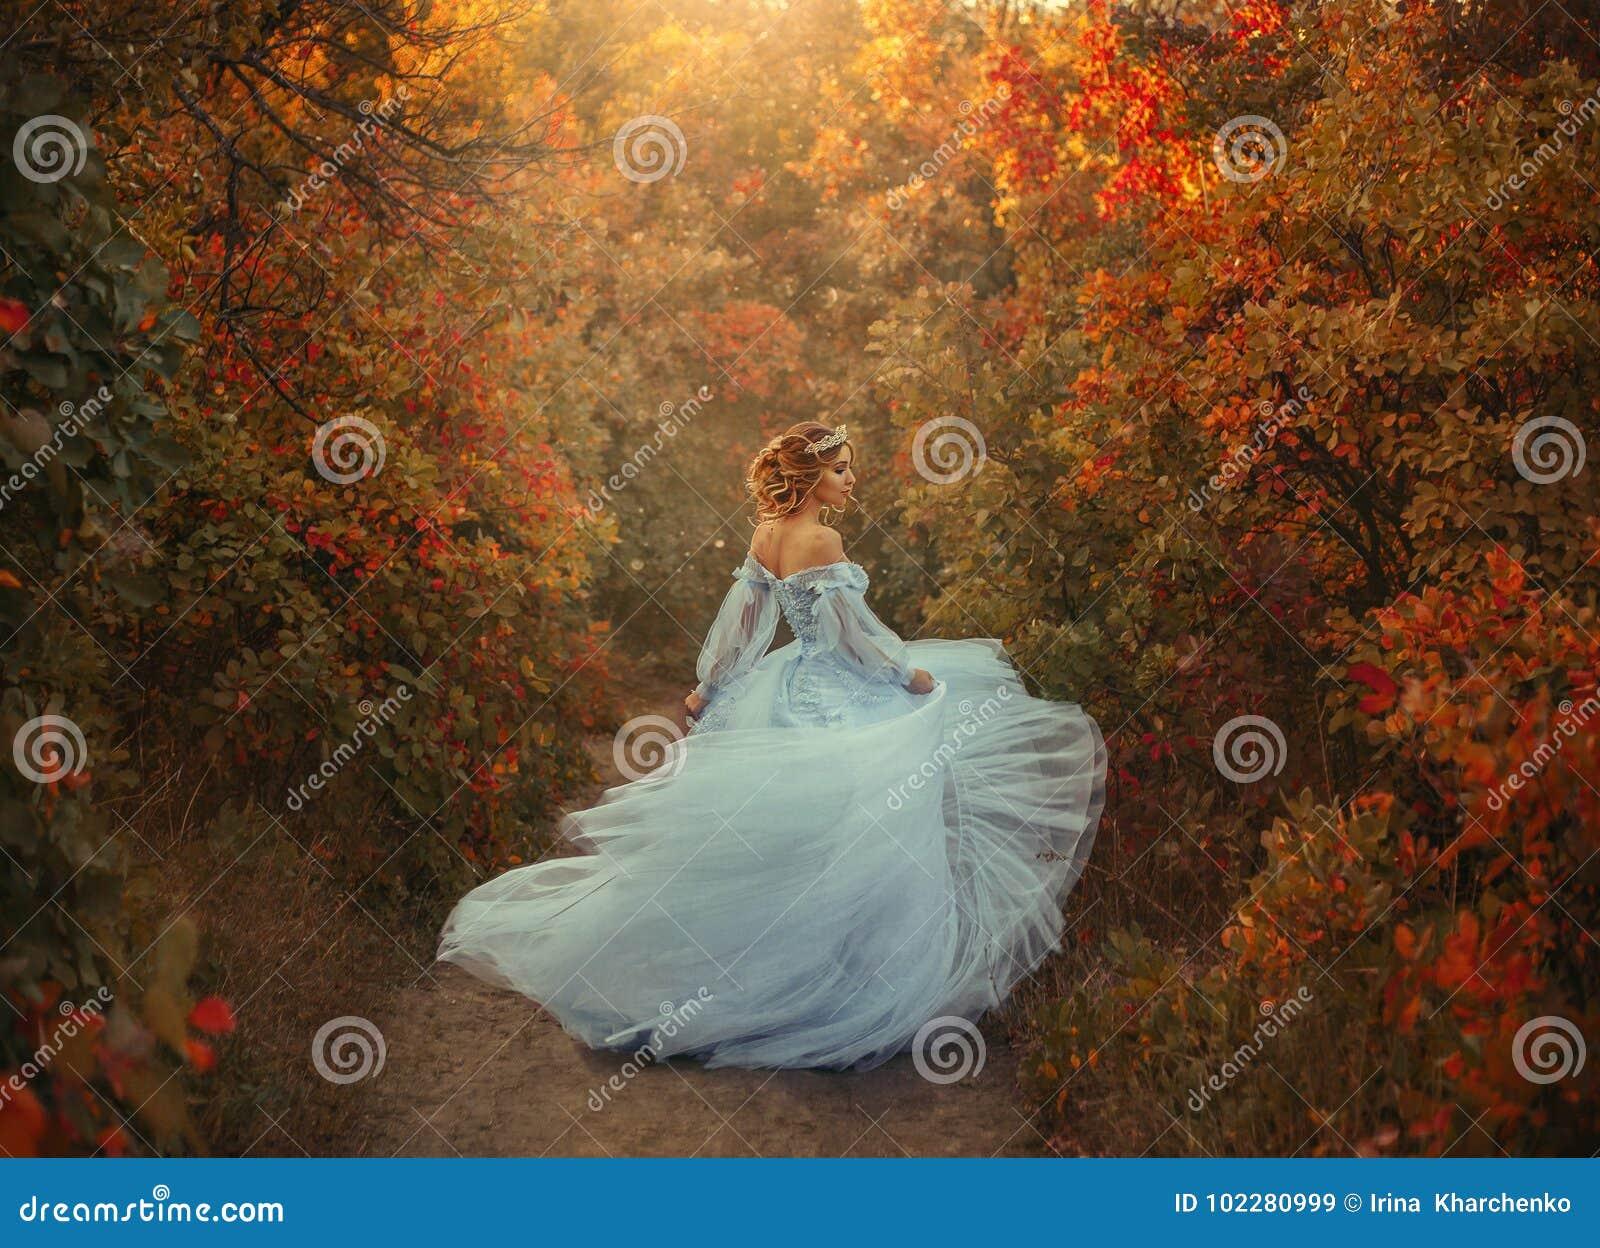 Prinzessin im Herbstgarten